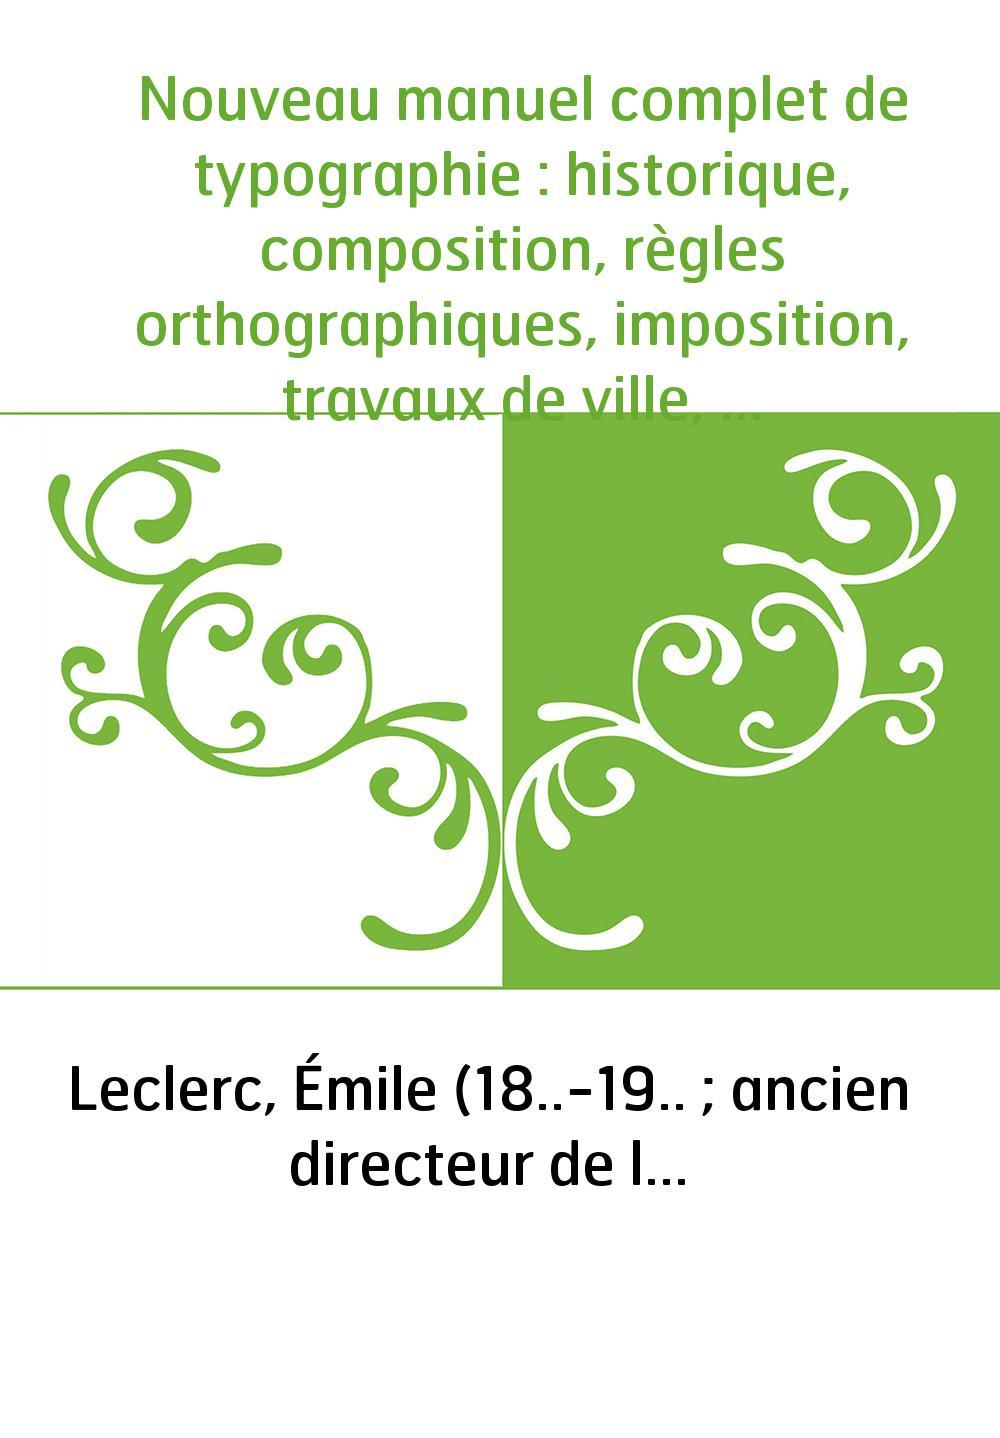 Nouveau manuel complet de typographie : historique, composition, règles orthographiques, imposition, travaux de ville, journaux,